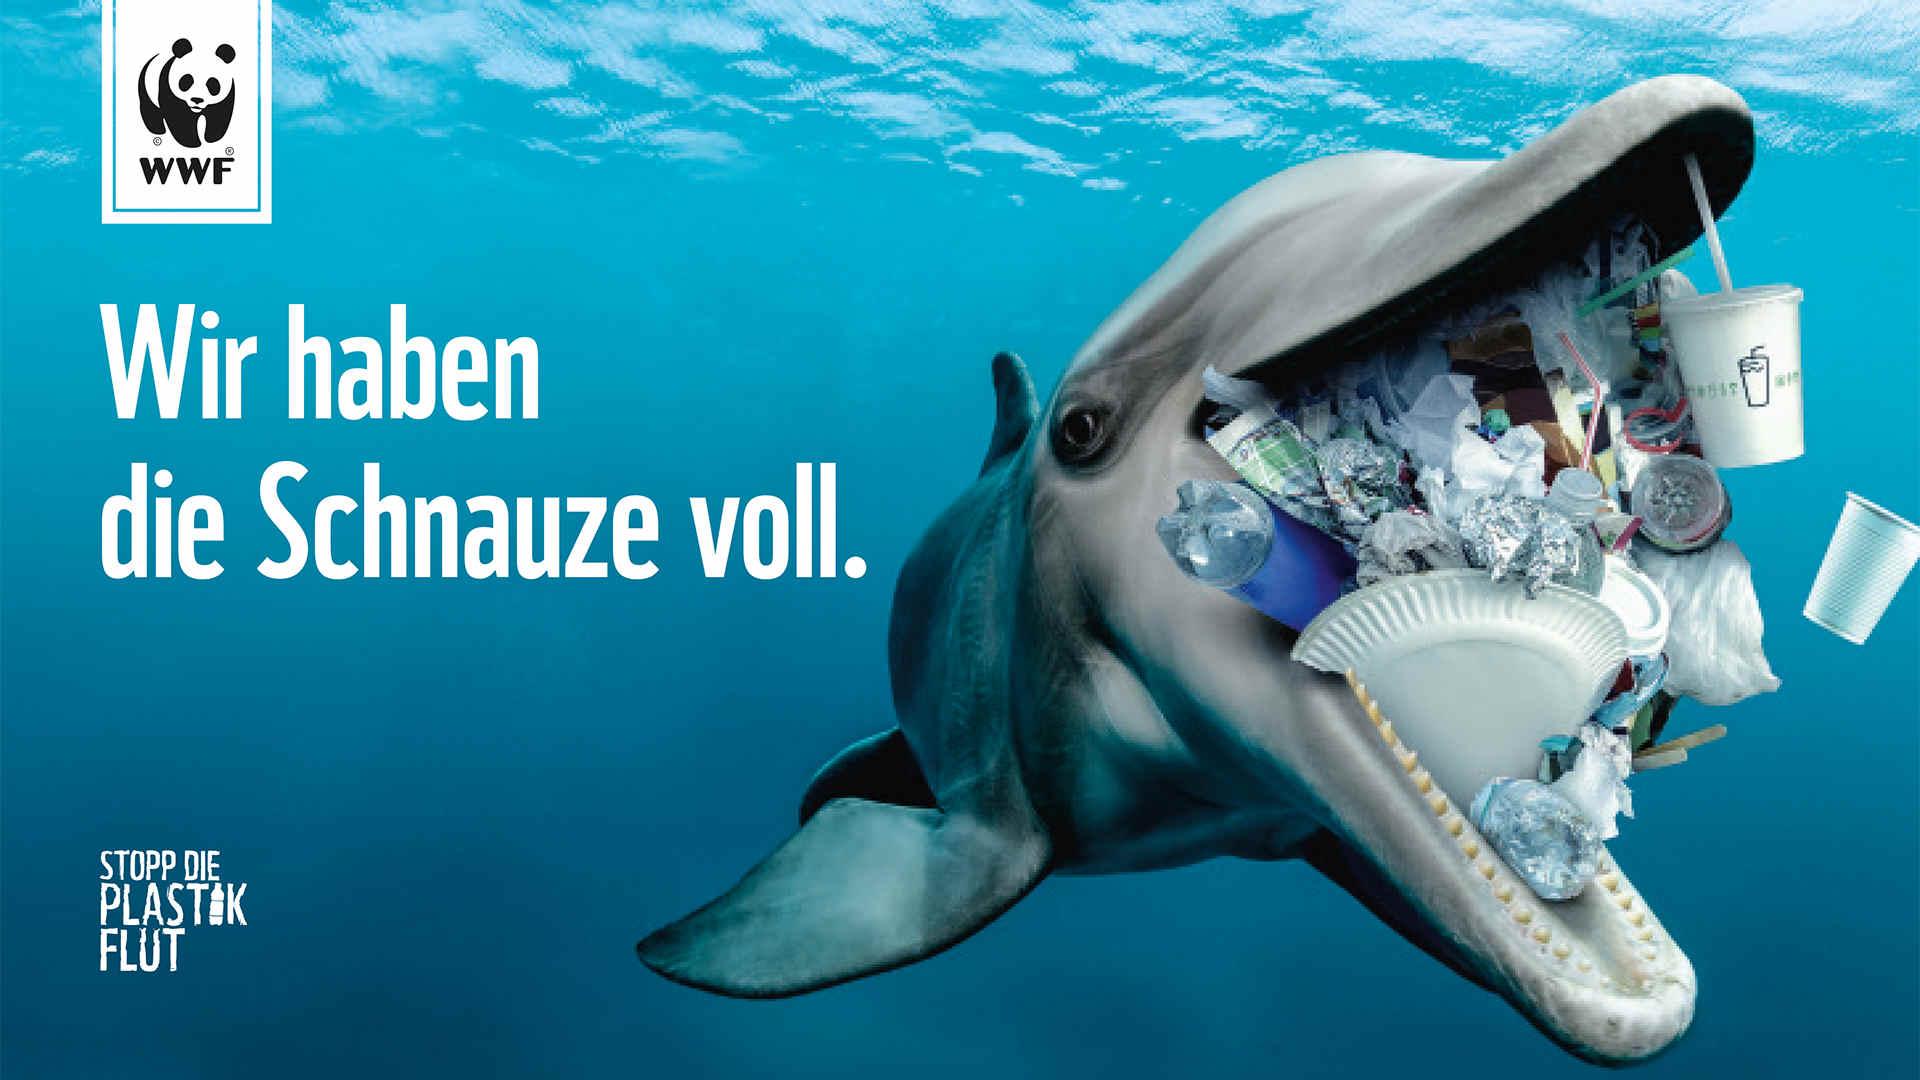 Delfin mit Plastikmüll Kampagne-WWF